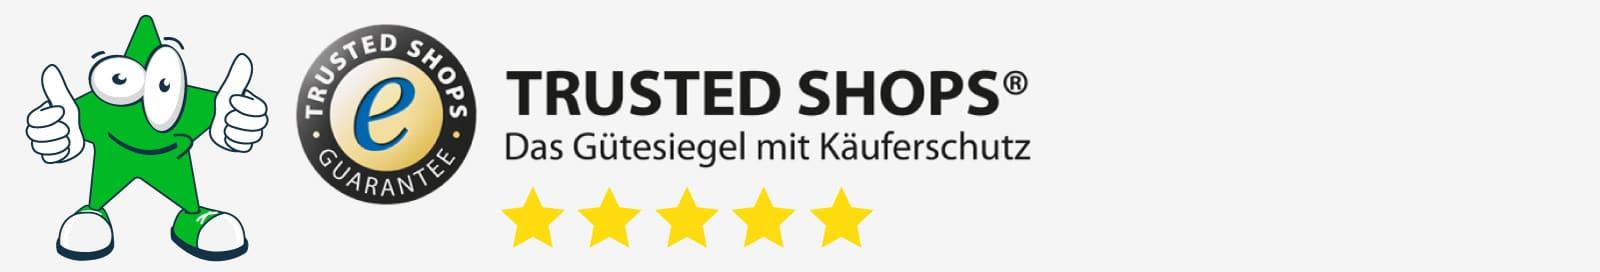 trusted-shops-bewertungen